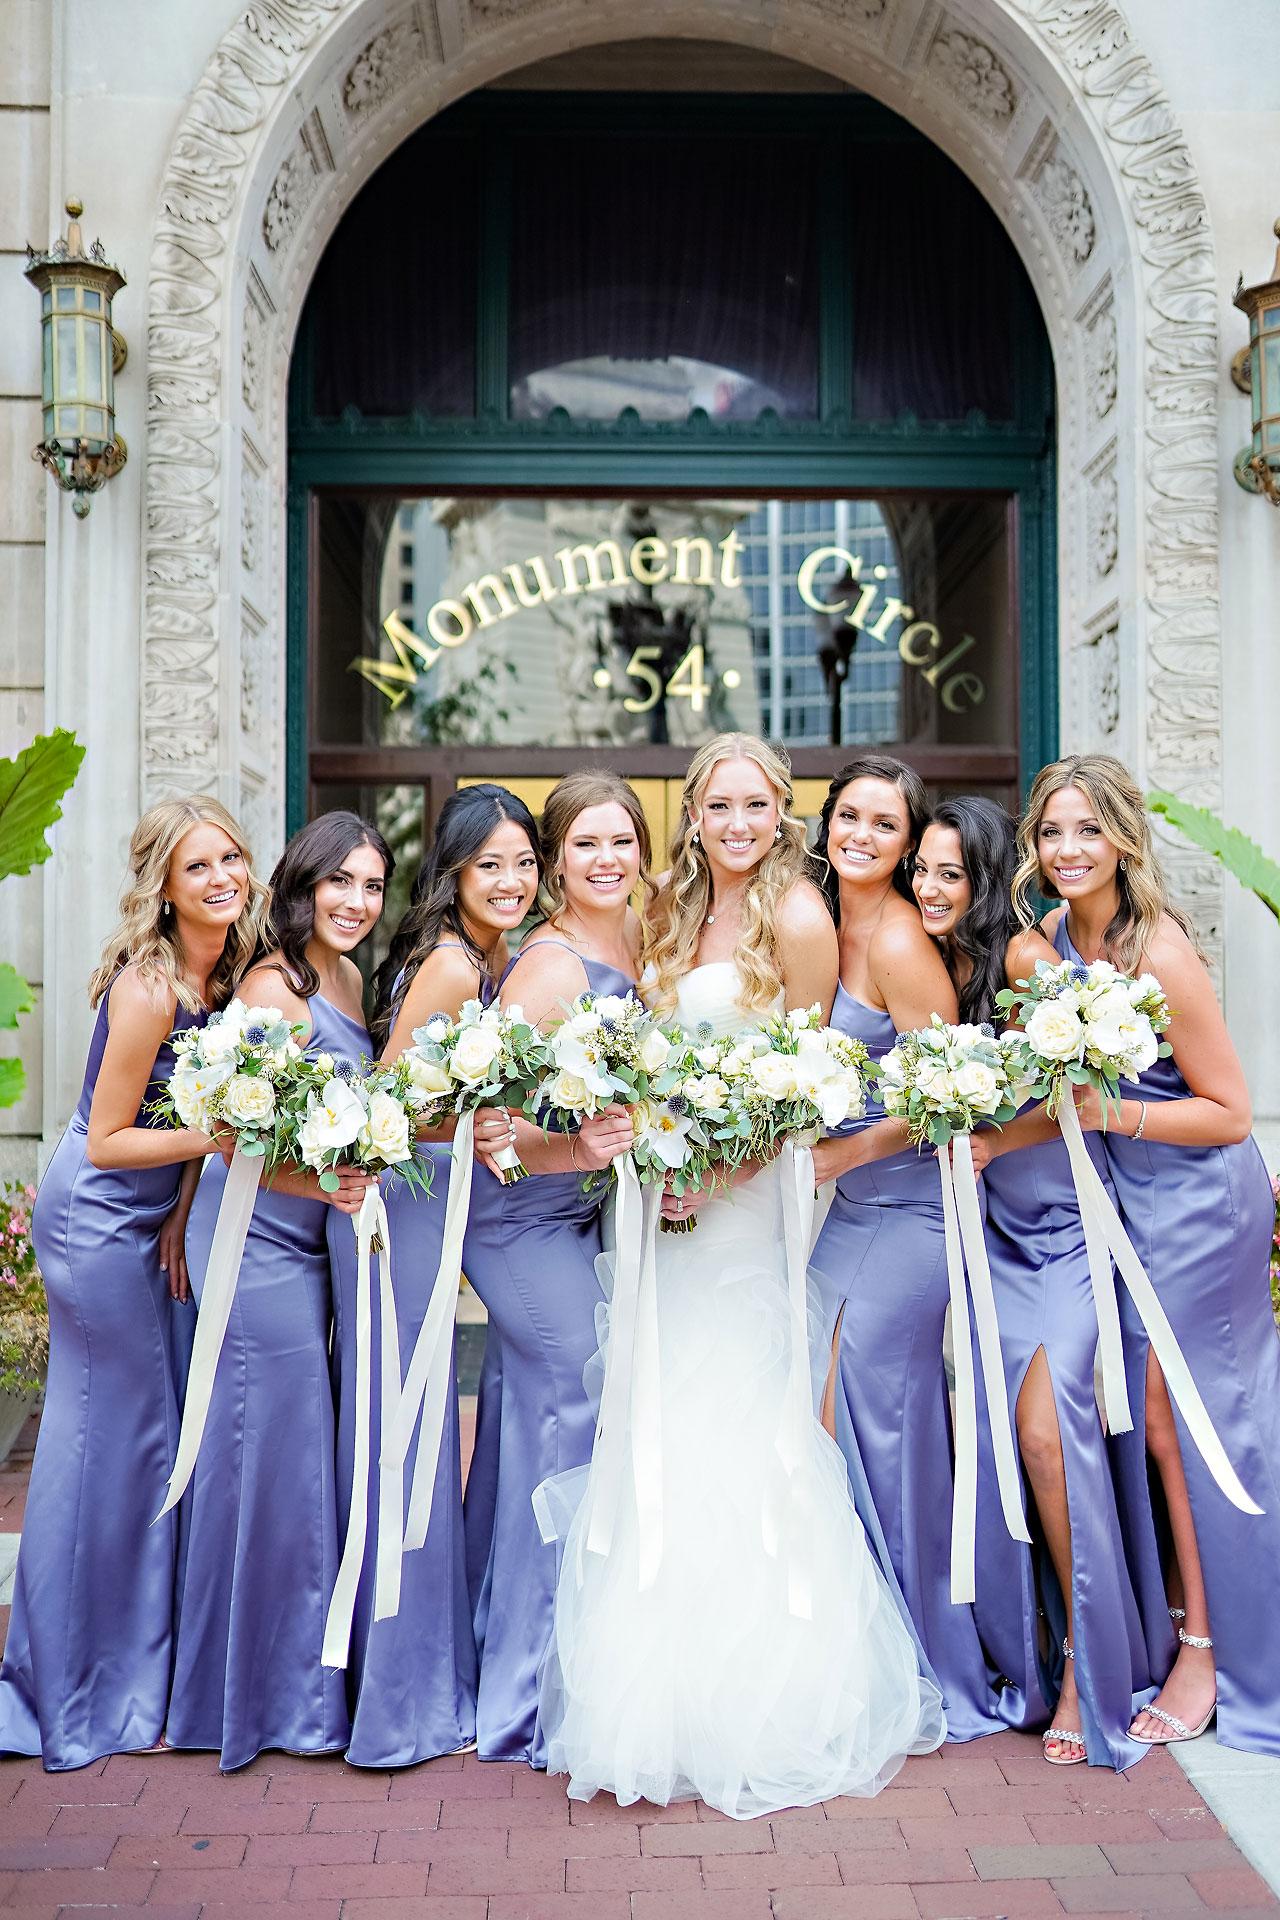 Liz Zach Conrad Artsgarden Indianapolis Wedding 050